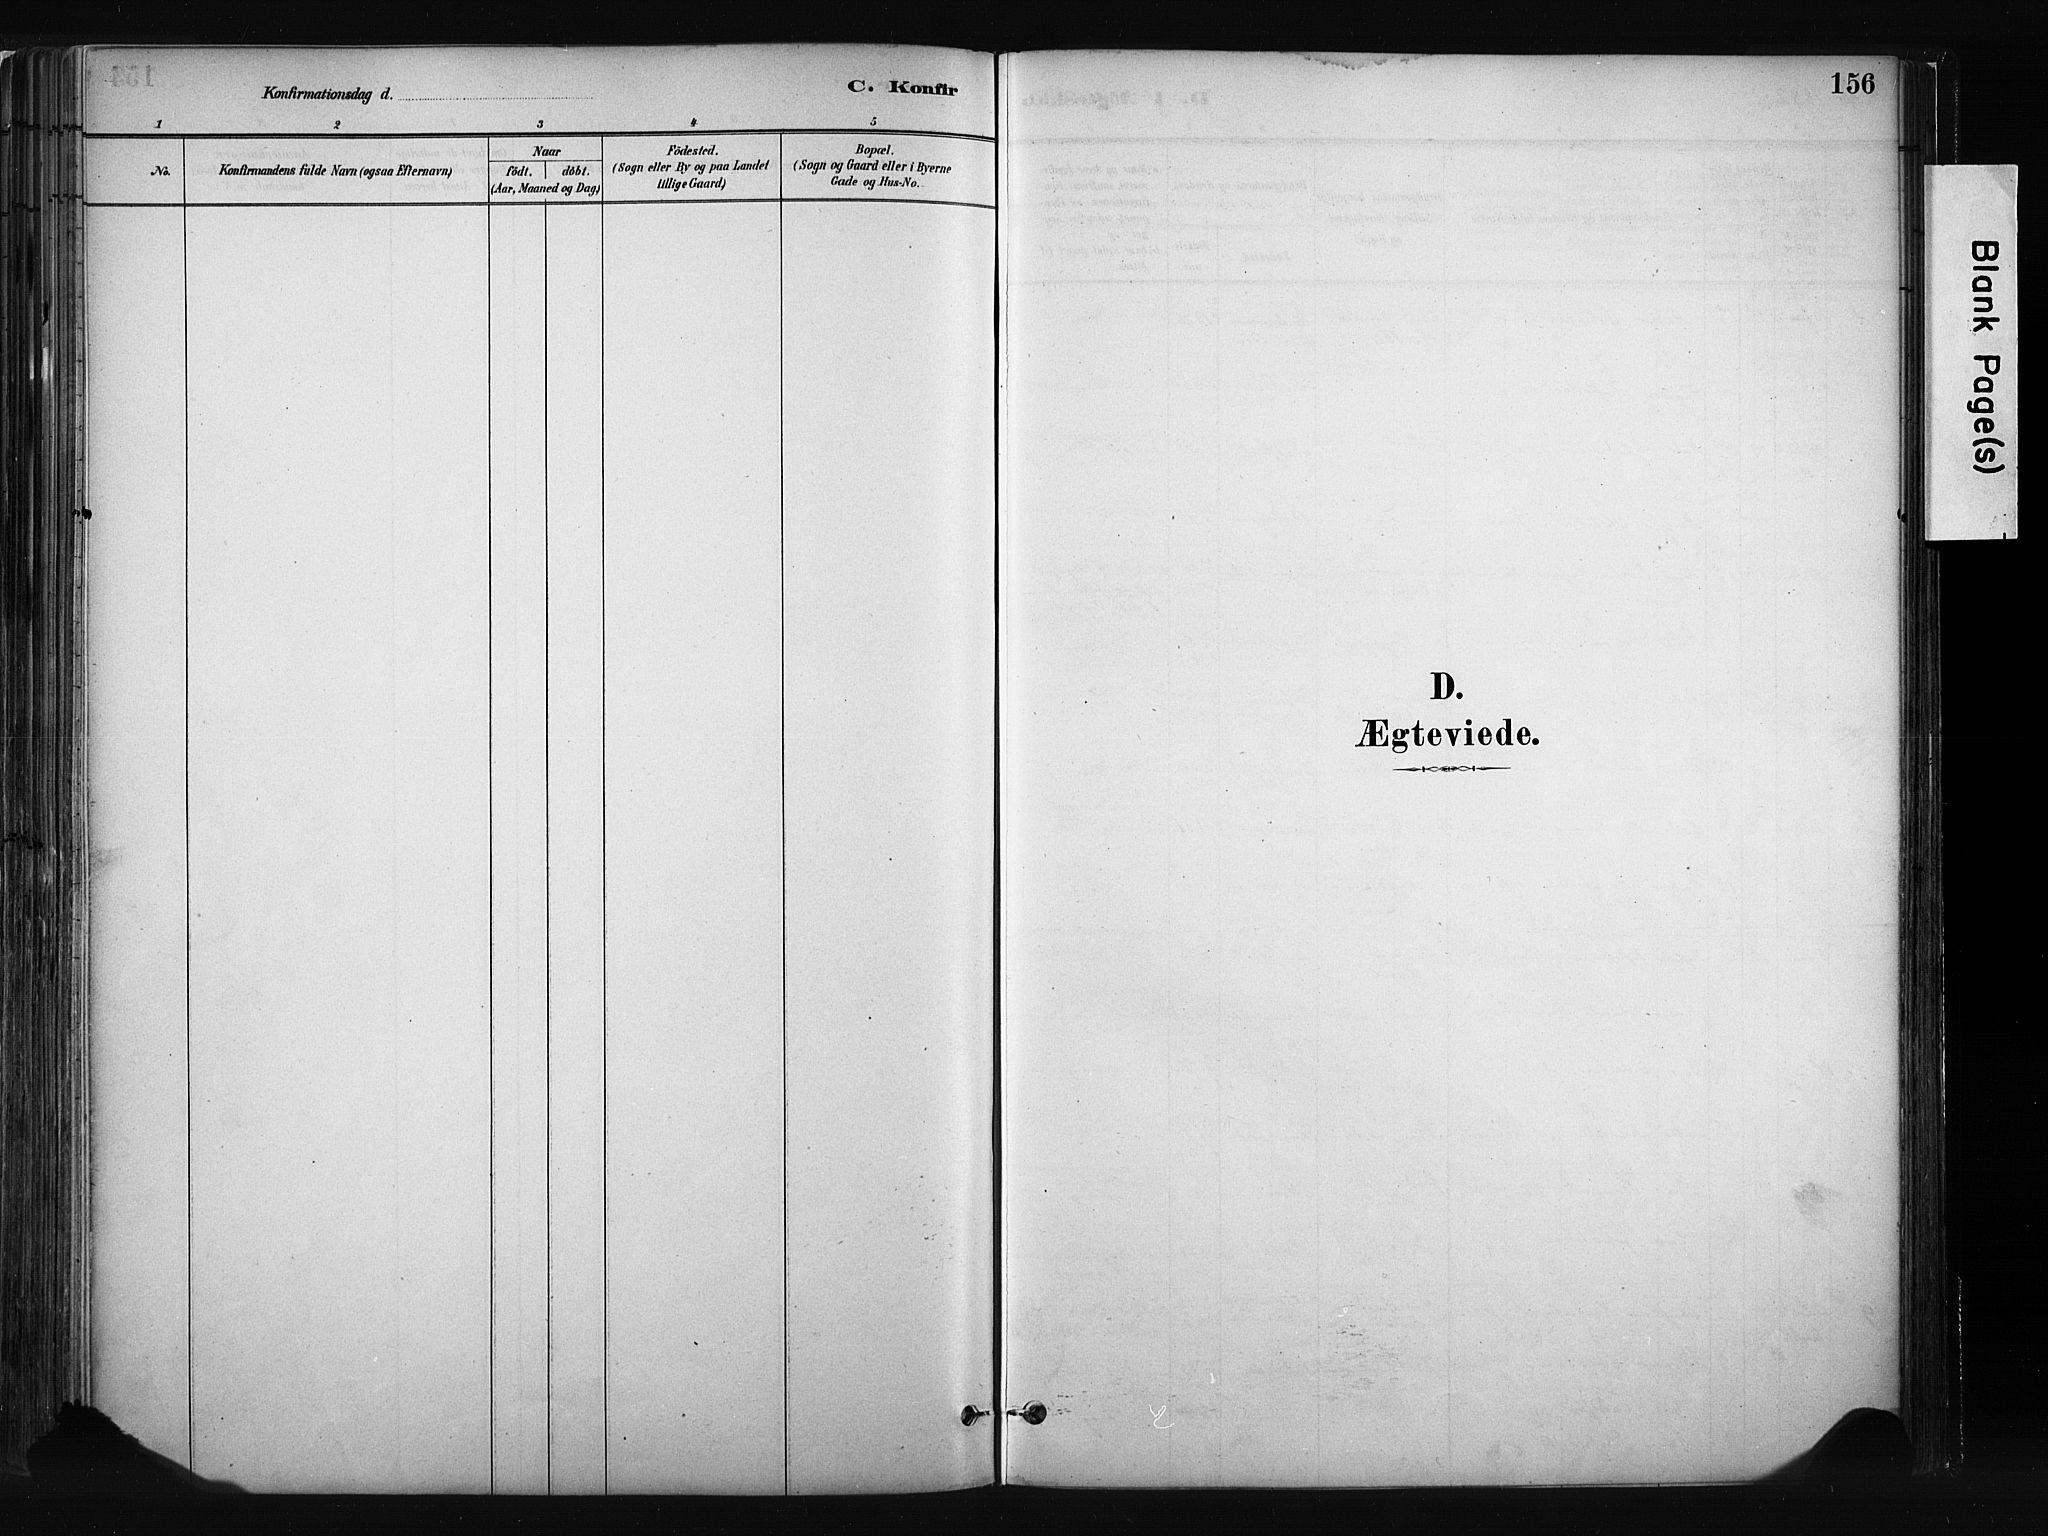 SAH, Vang prestekontor, Valdres, Ministerialbok nr. 8, 1882-1910, s. 156